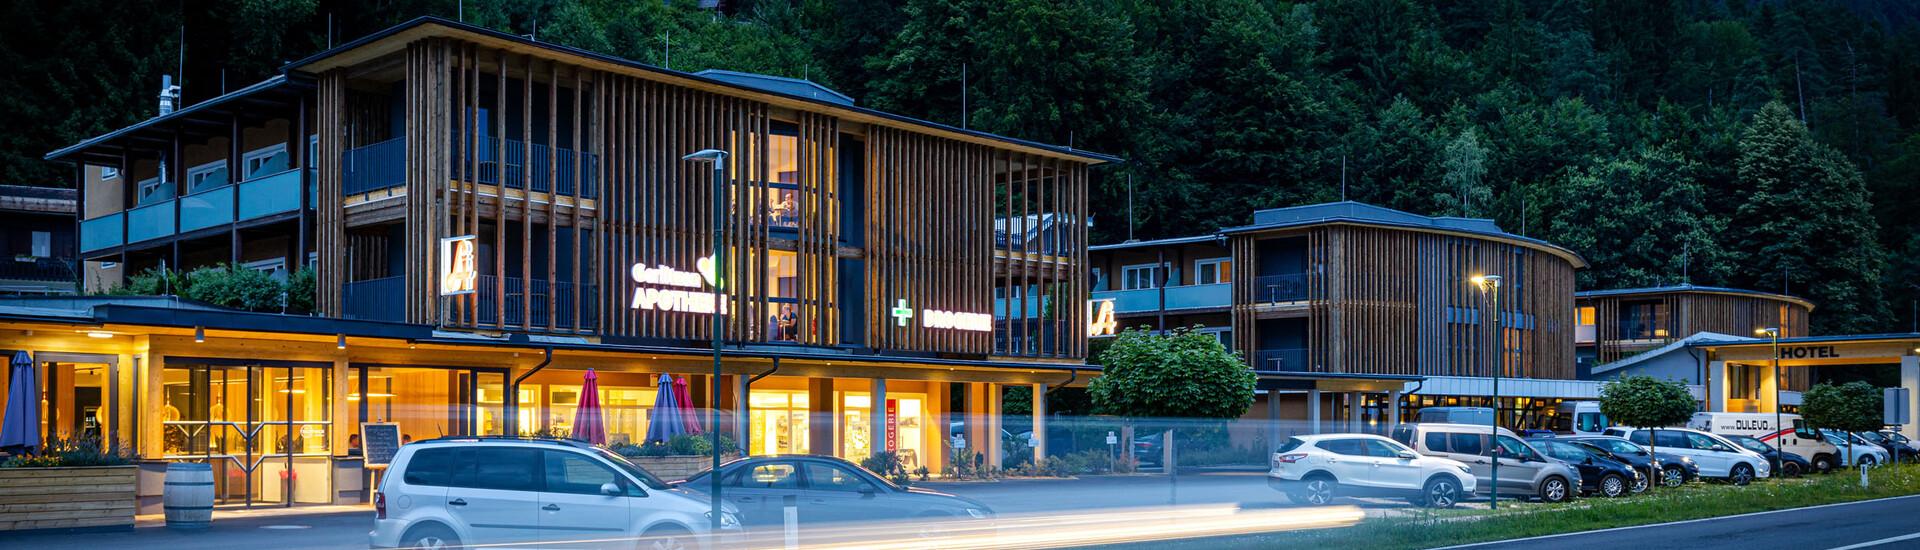 Das beleuchtete Business-Hotel eduCARE bei Villach in der Dämmerung